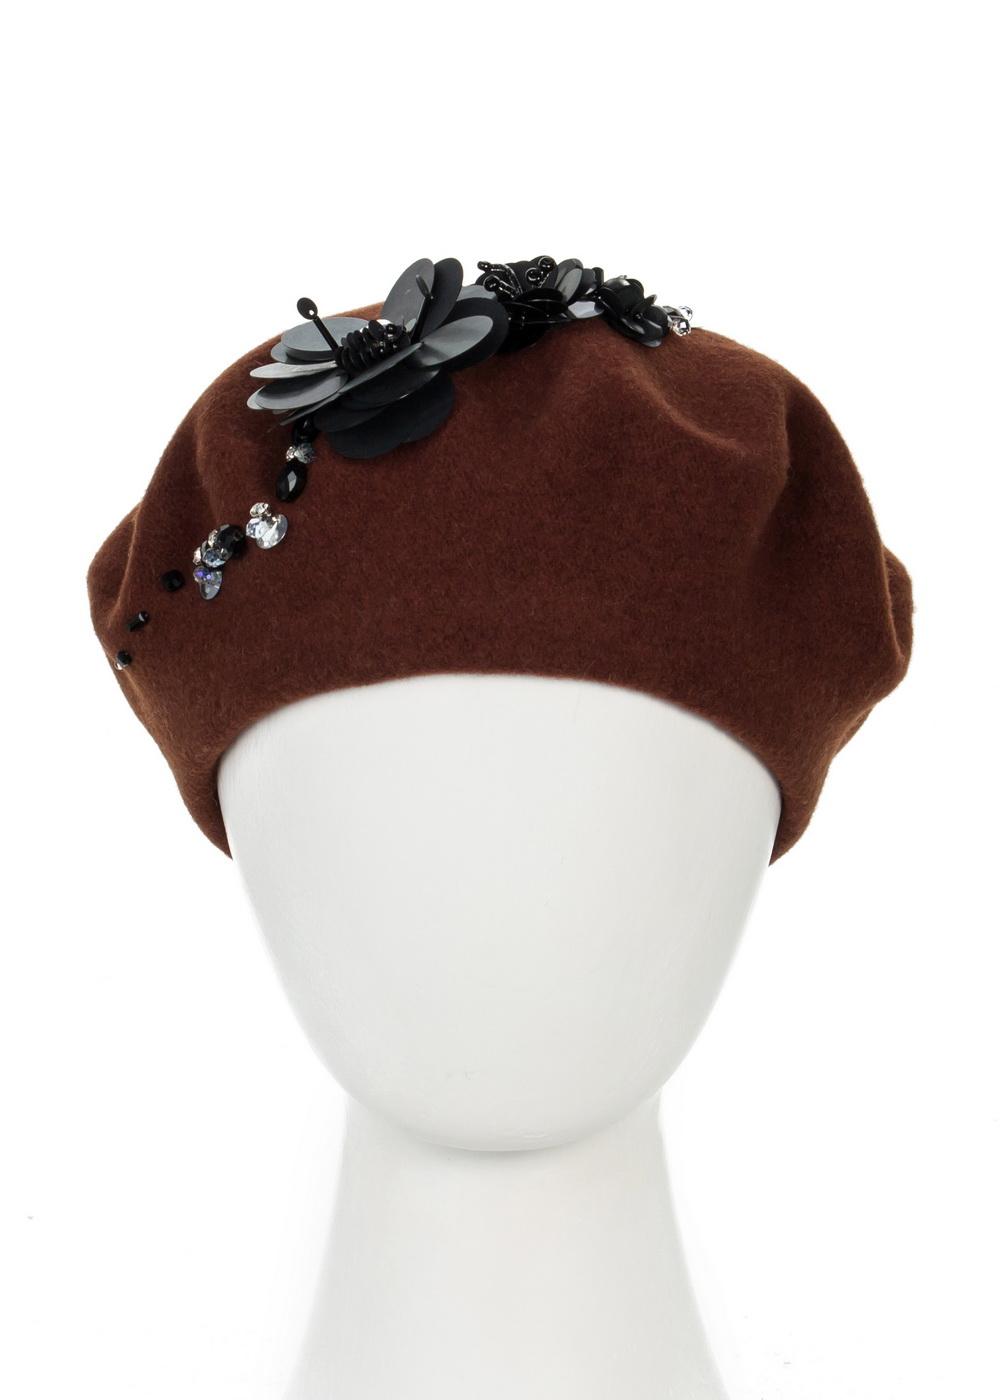 Берет999328Теплый берет Avanta Velia, выполненный из натуральной шерсти, отлично дополнит ваш образ в холодную погоду. Модель оформлена оригинальными цветами выполненных из страз, кристаллов и пайеток разных размеров. Такой берет, составит идеальный комплект с модной верхней одеждой, в нем вам будет уютно и тепло! Уважаемые клиенты! Размер, доступный для заказа, является обхватом головы.